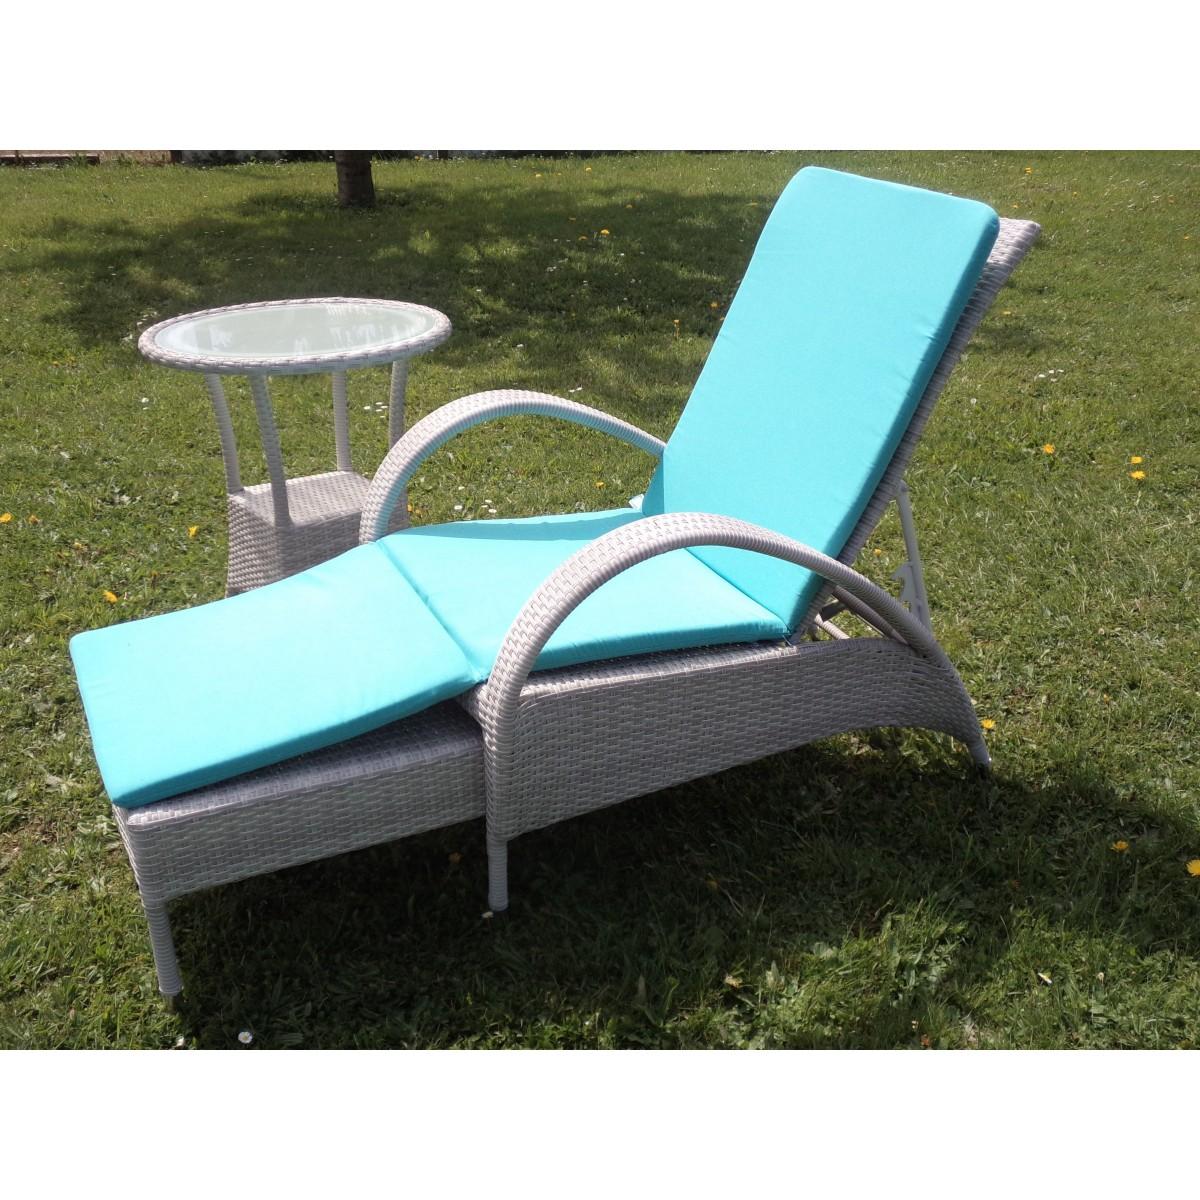 Chaise longue en aluminium et r sine grise sp cial ext rieur - Fauteuil exterieur resine ...